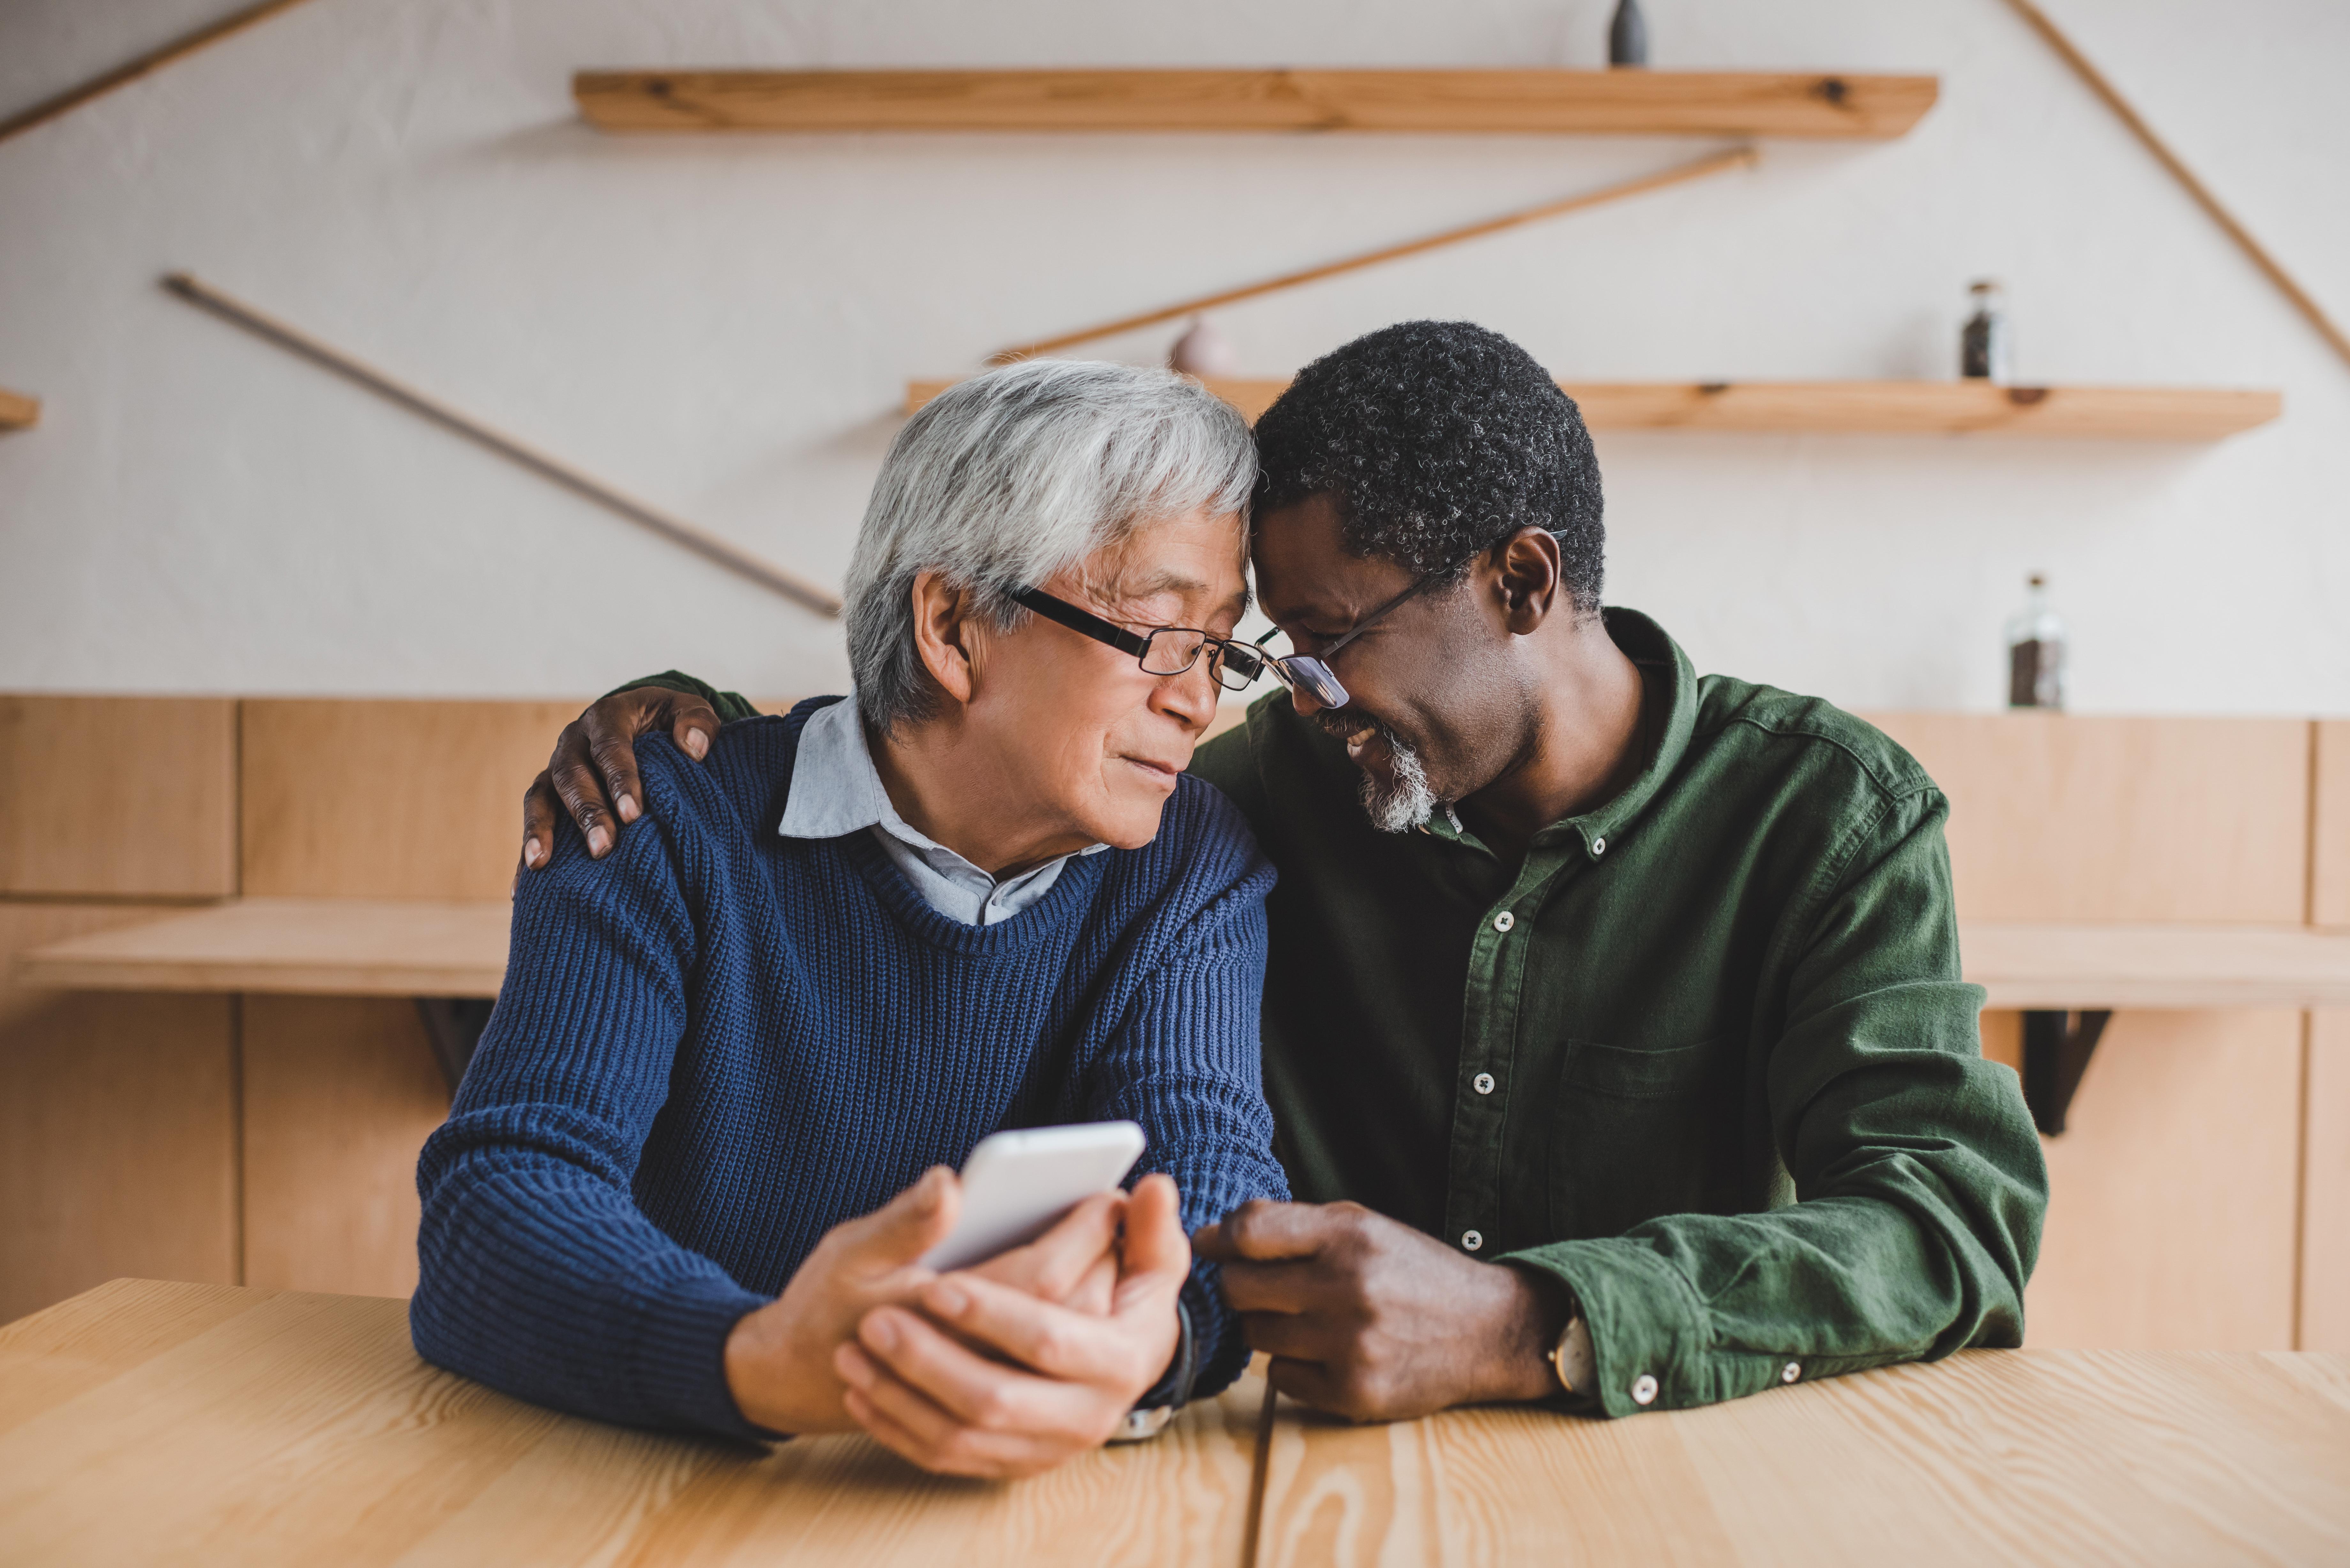 Merparten av singlarna i åldern 65-79 år, 83 procent, vill ha en relation på sina egna villkor och för sin egen skull.